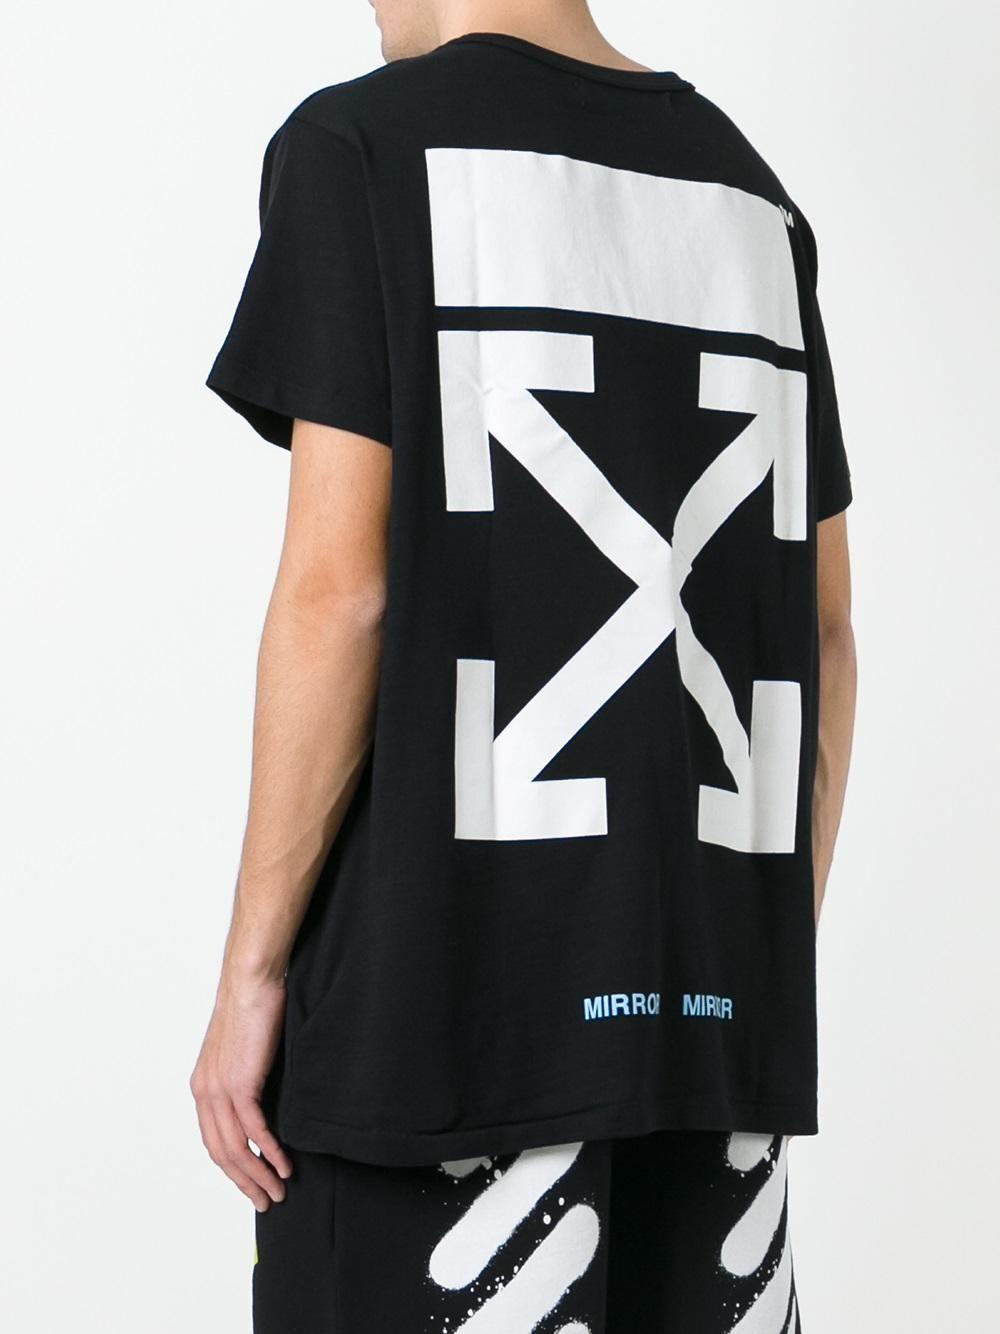 9a41ee2850b7 Off-White camiseta con estampado del logo   Suit up for Grown ups ...